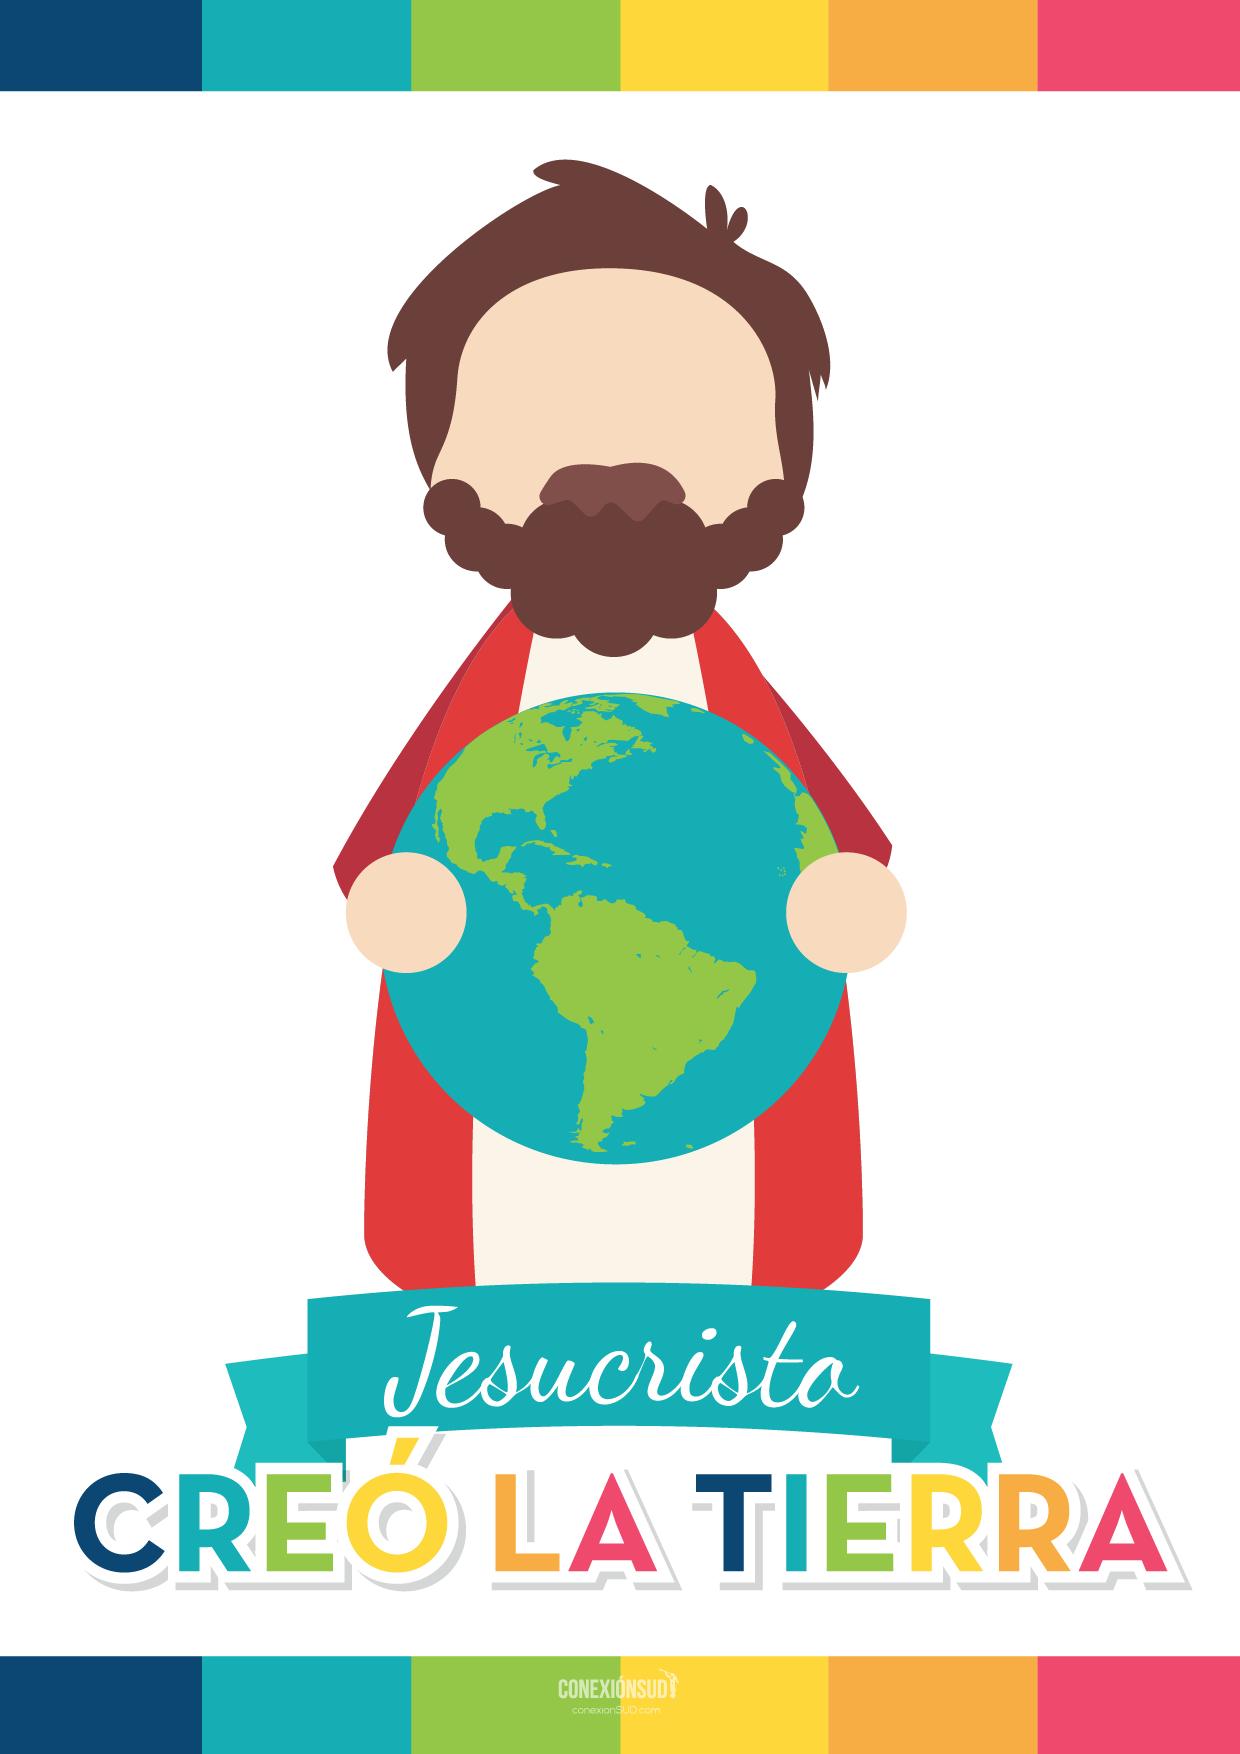 jesucristo-creo-la-tierra-bajo-la-direccion-de-nuestro-padre-celestial_ConexionSUD-03_ConexionSUD